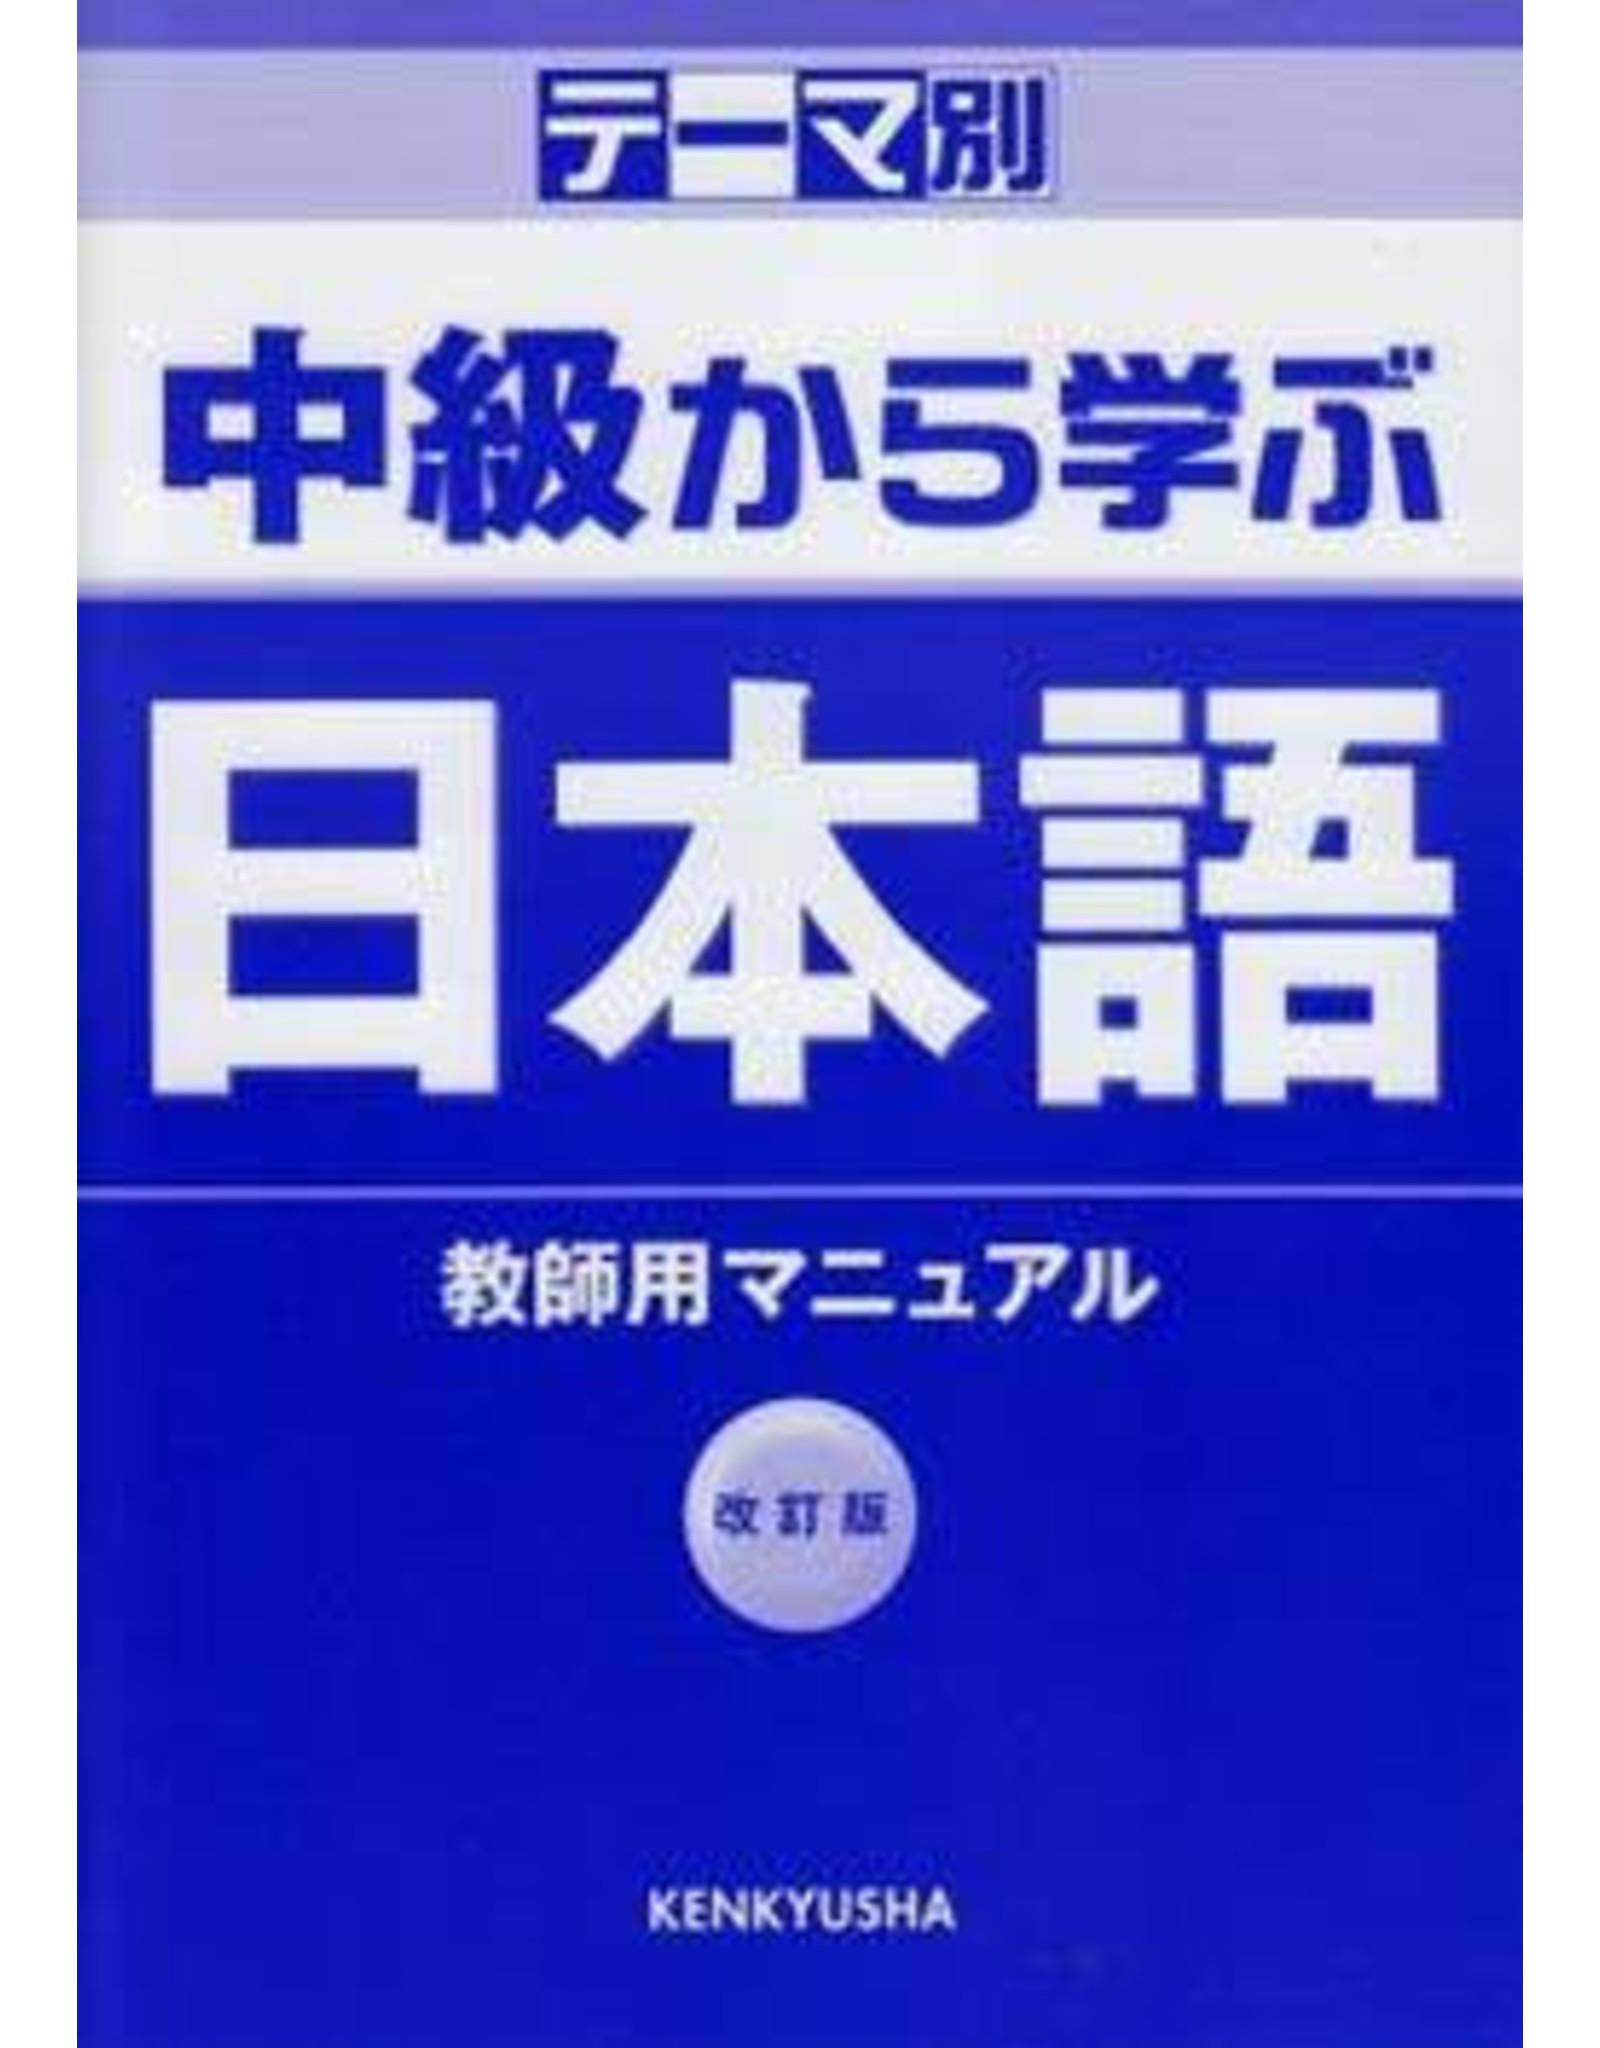 KENKYUSHA THEME-BETSU CHUKYU KARA MANABU NIHONGO/ TEACHER'S MANUAL (REV)